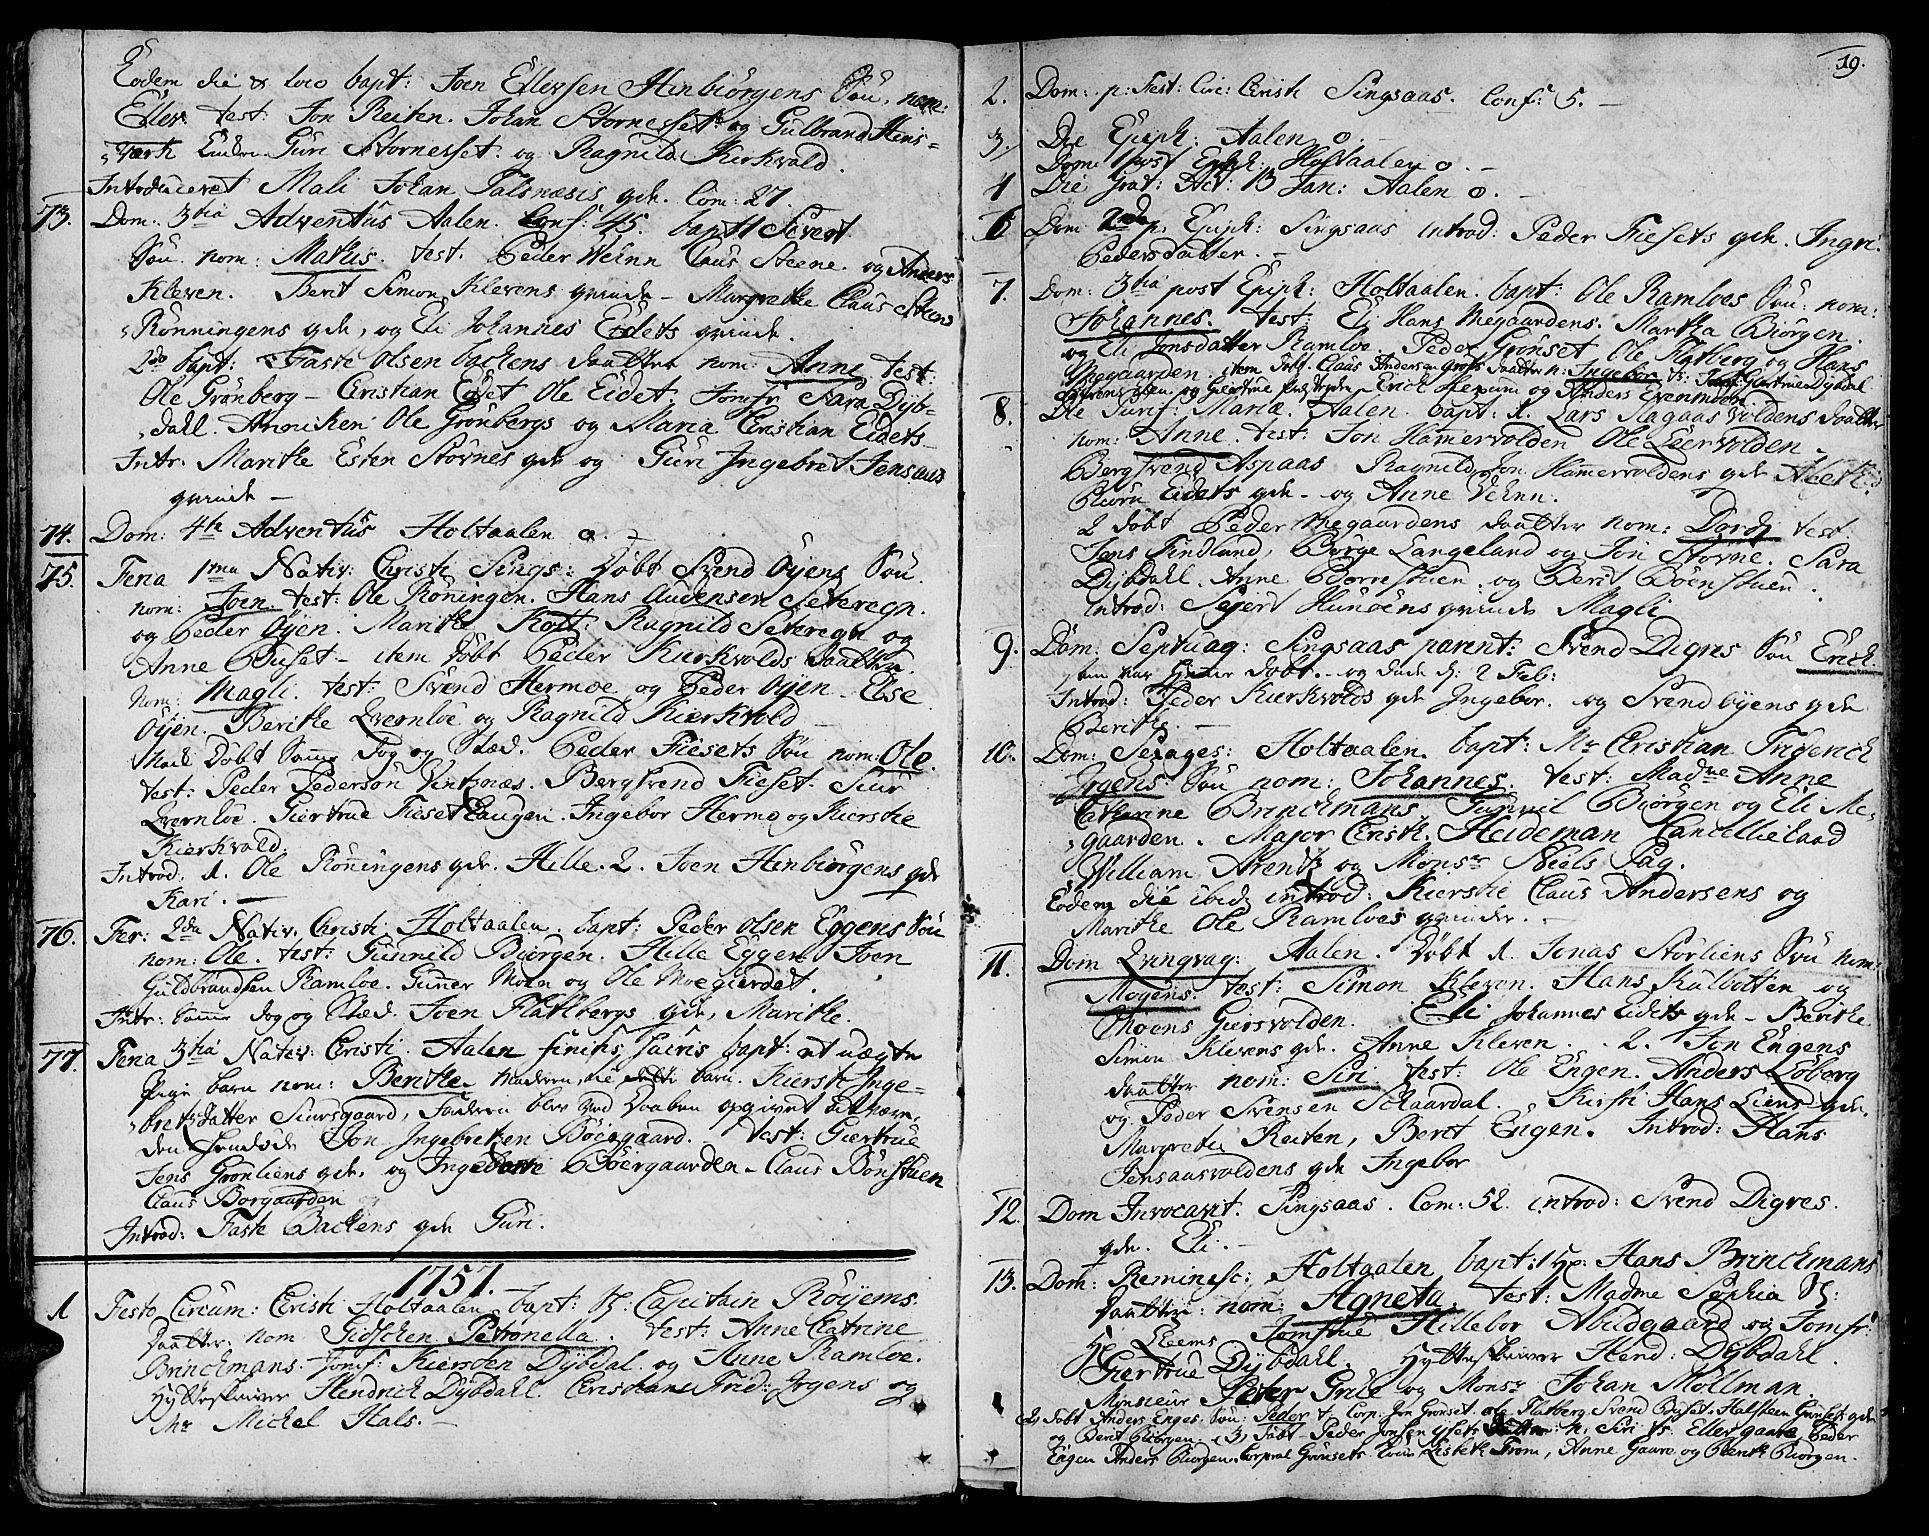 SAT, Ministerialprotokoller, klokkerbøker og fødselsregistre - Sør-Trøndelag, 685/L0952: Ministerialbok nr. 685A01, 1745-1804, s. 19